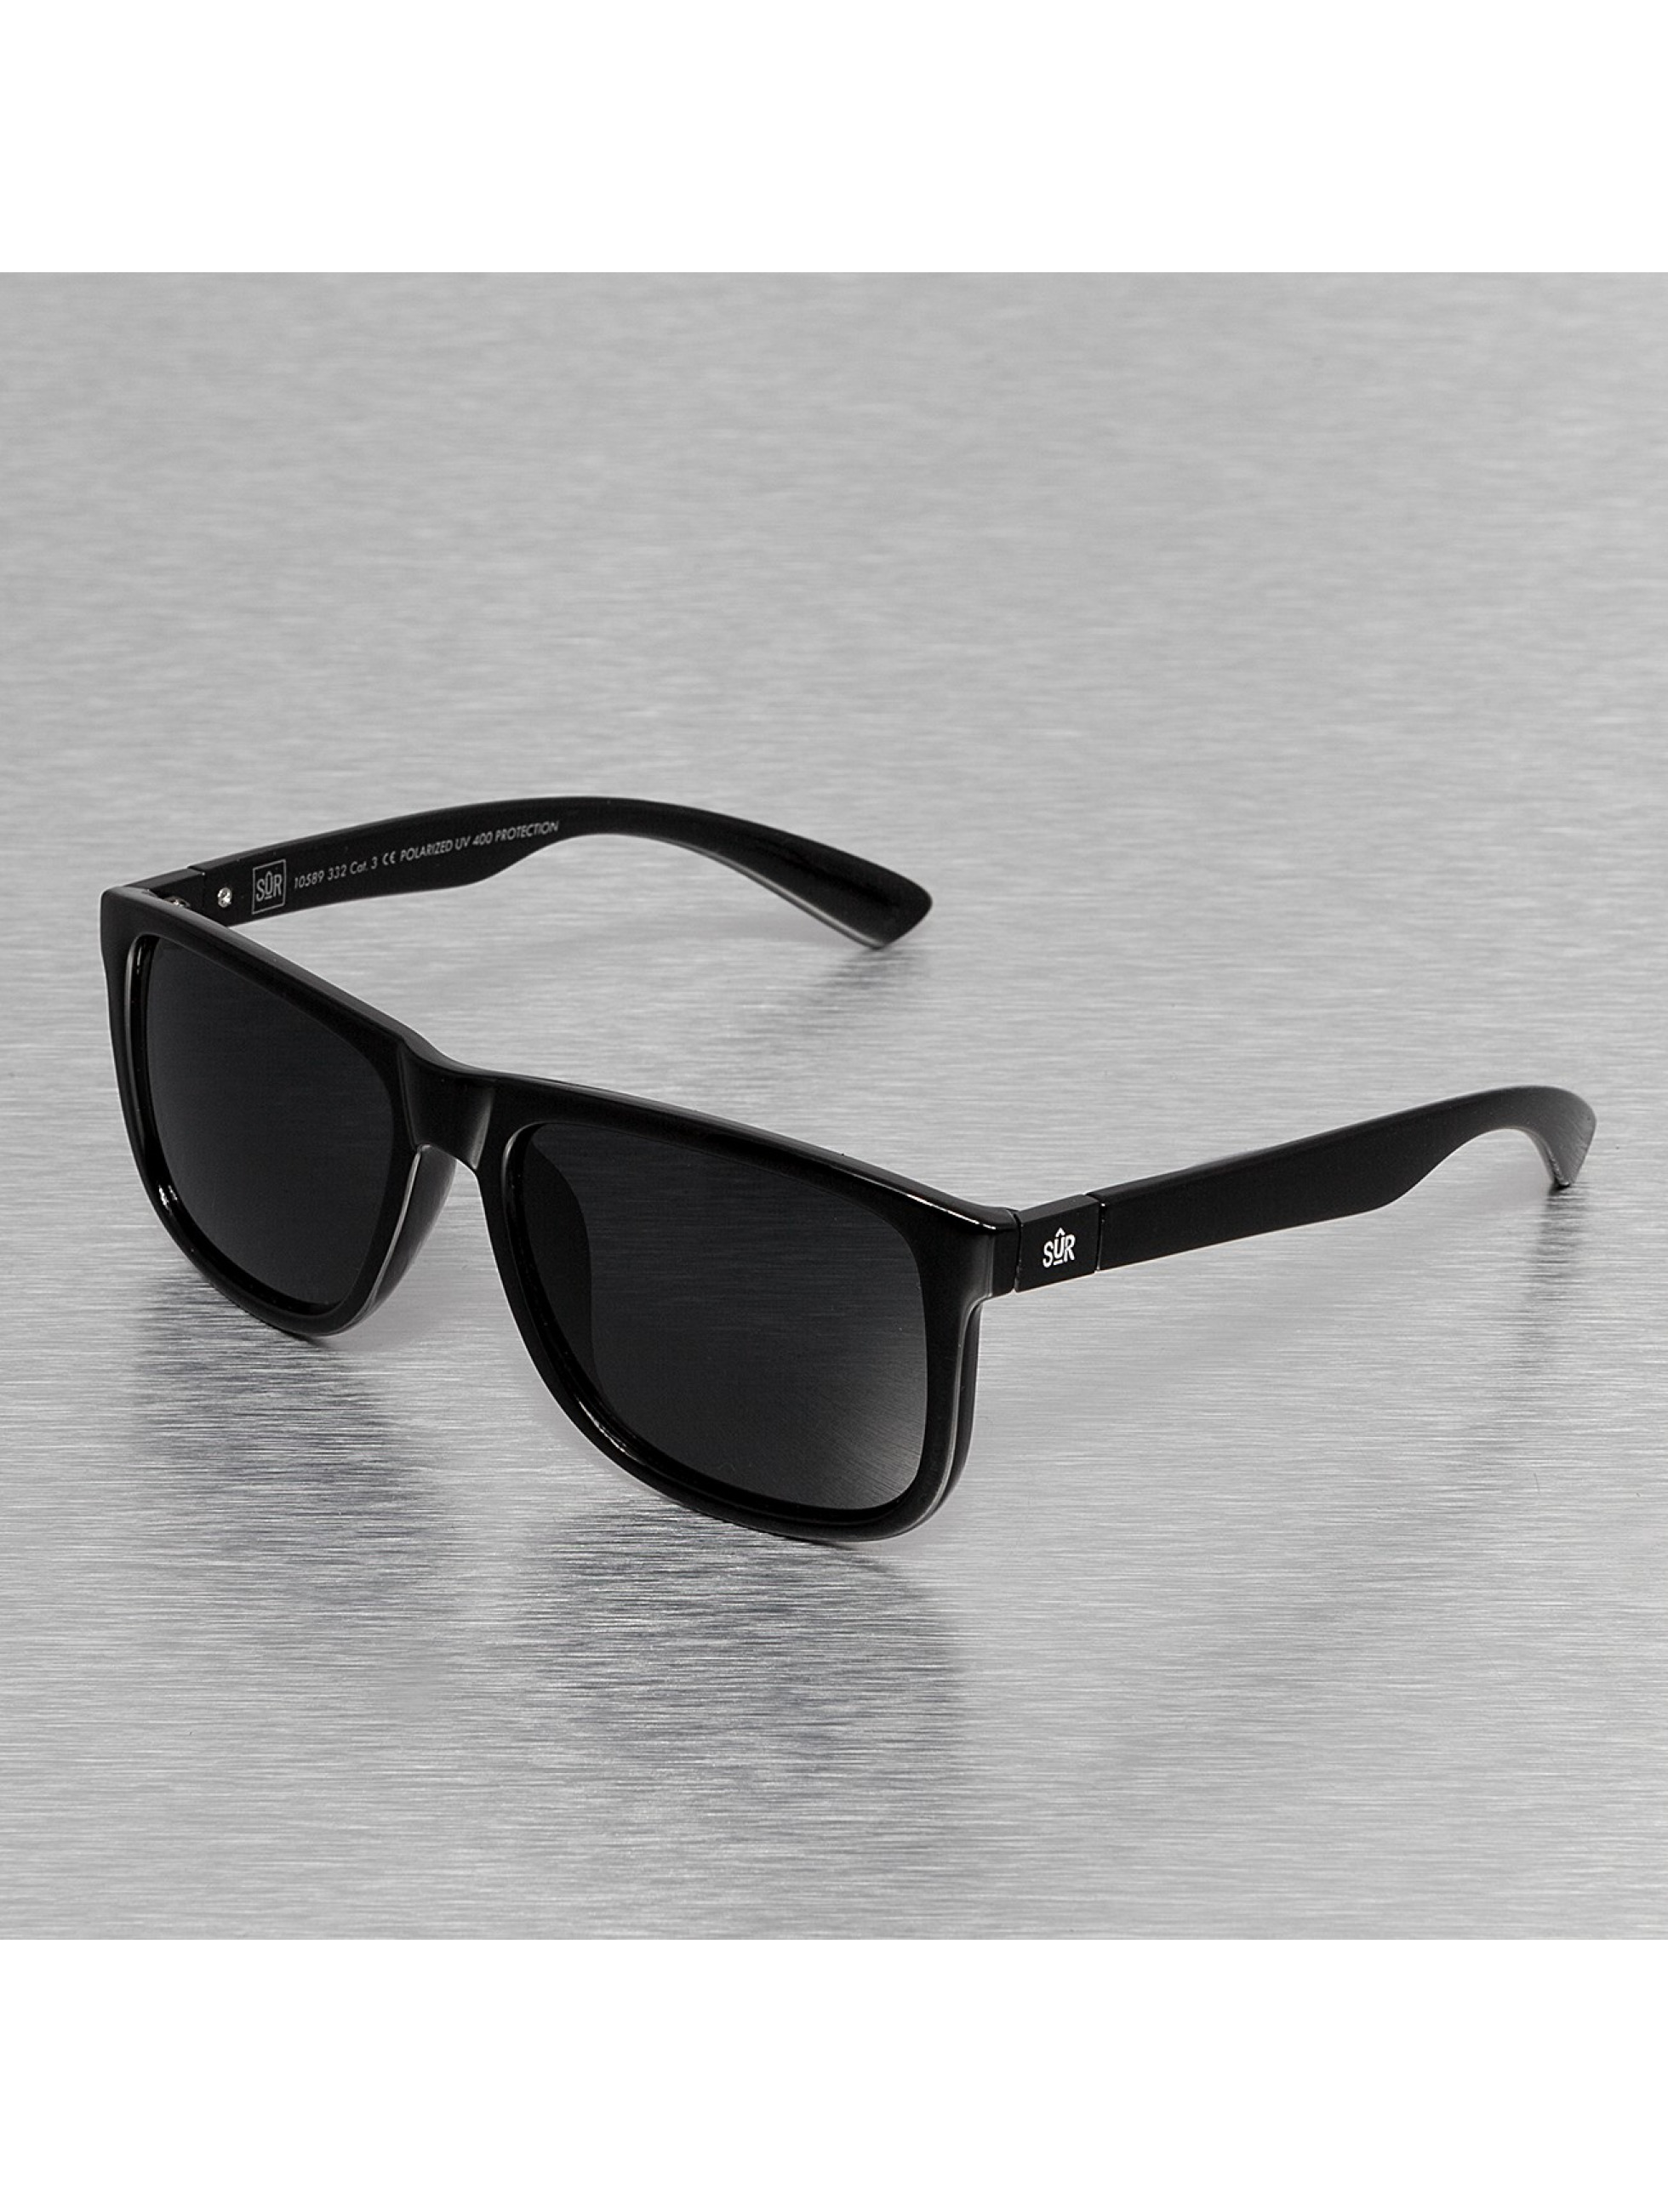 Sonnenbrille Street Checker Polarized in schwarz